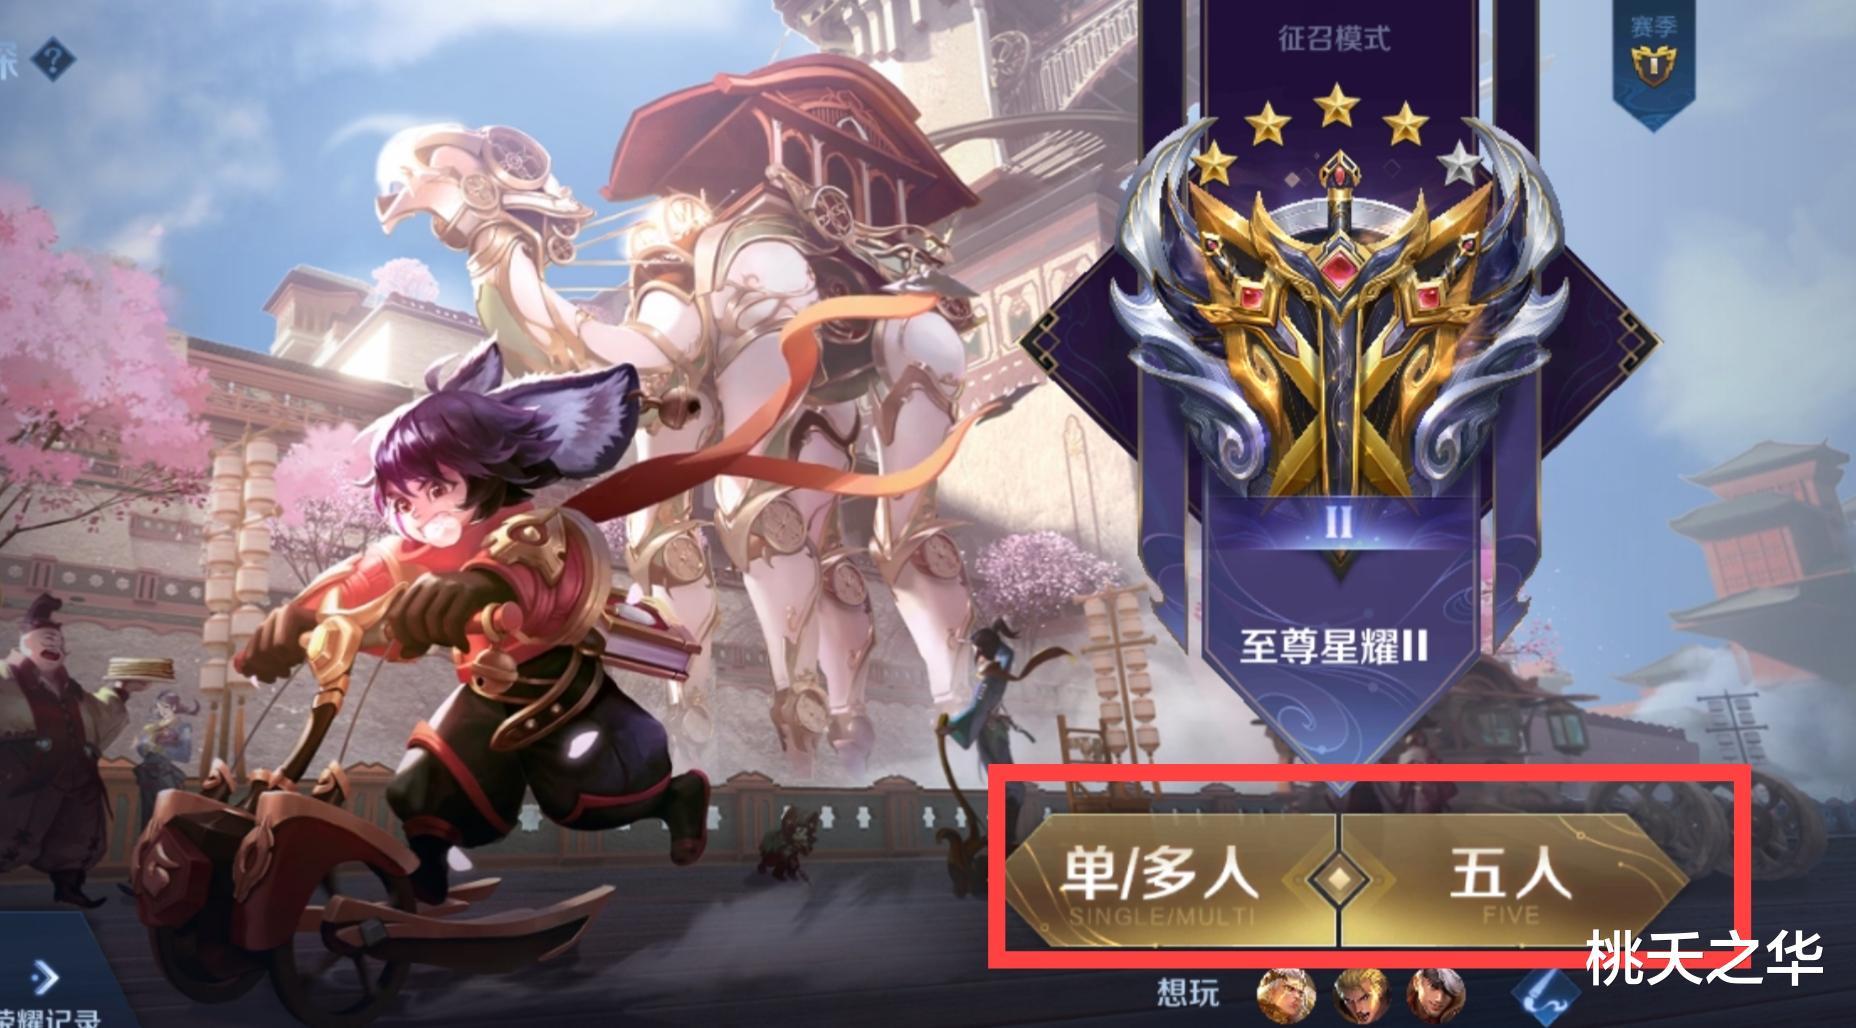 王者荣耀:取消单人排位之后,你的游戏体验真的变好了吗?